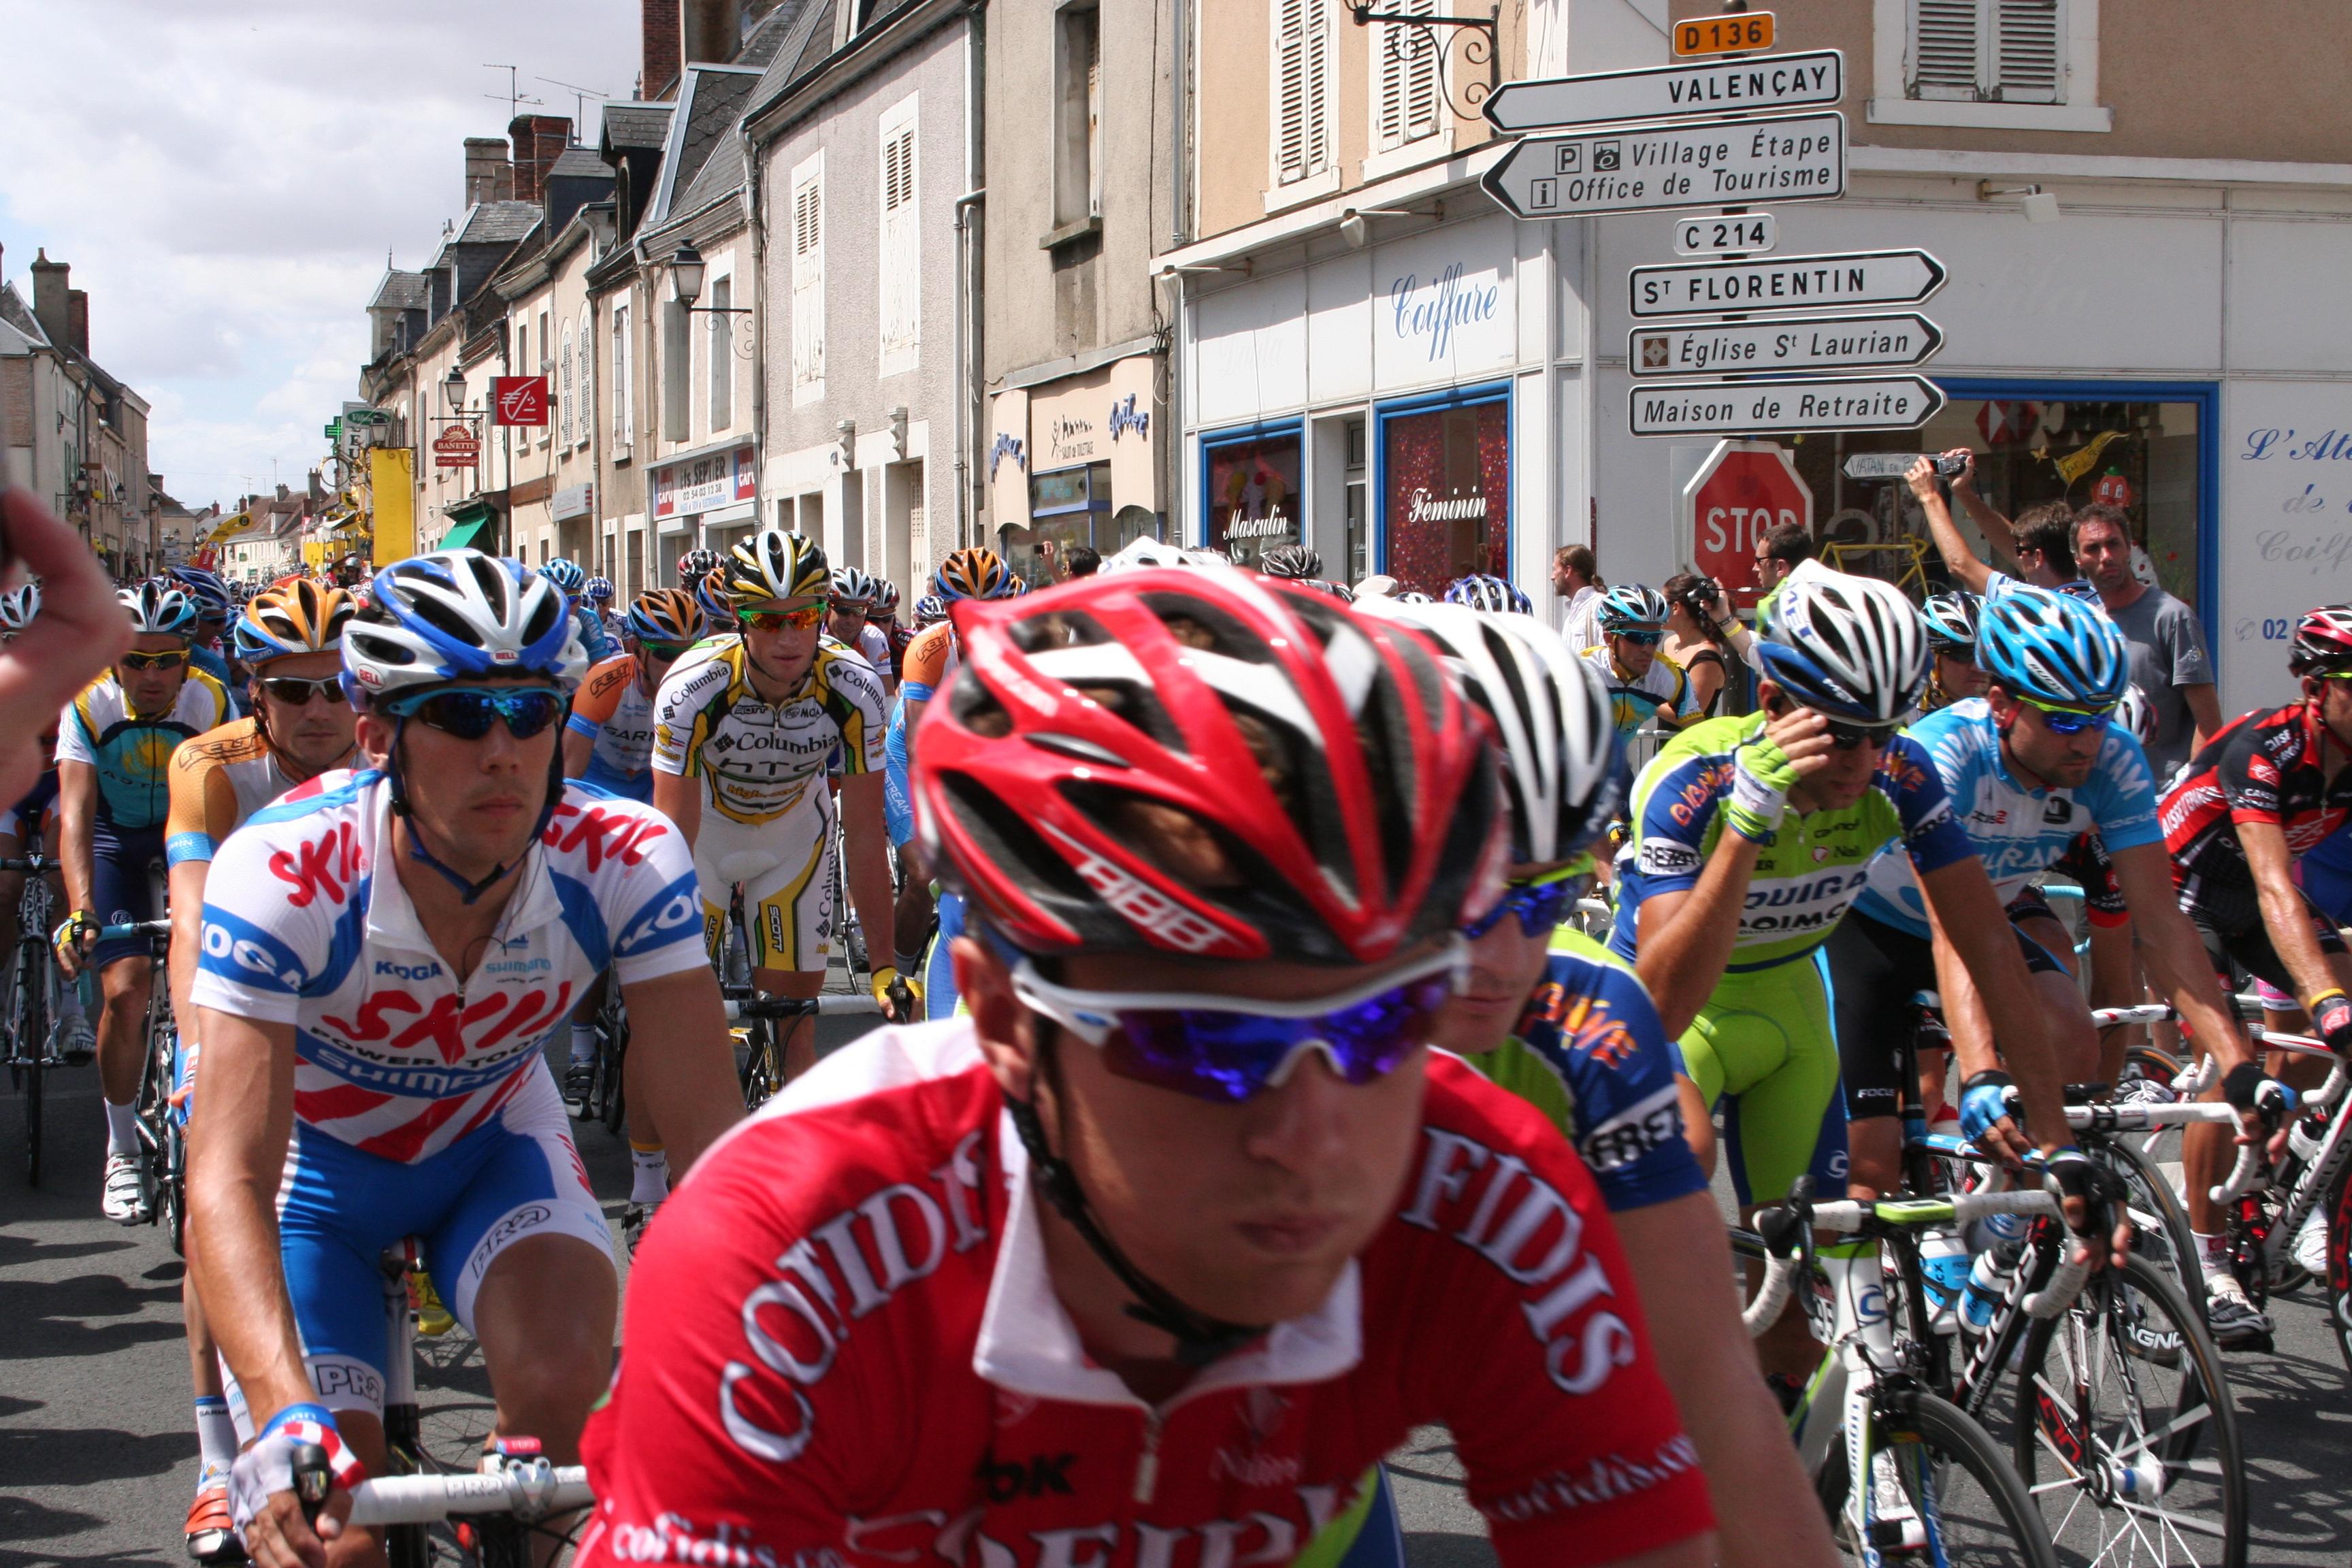 The front of the pack: Tours de France 2009 - Vatan